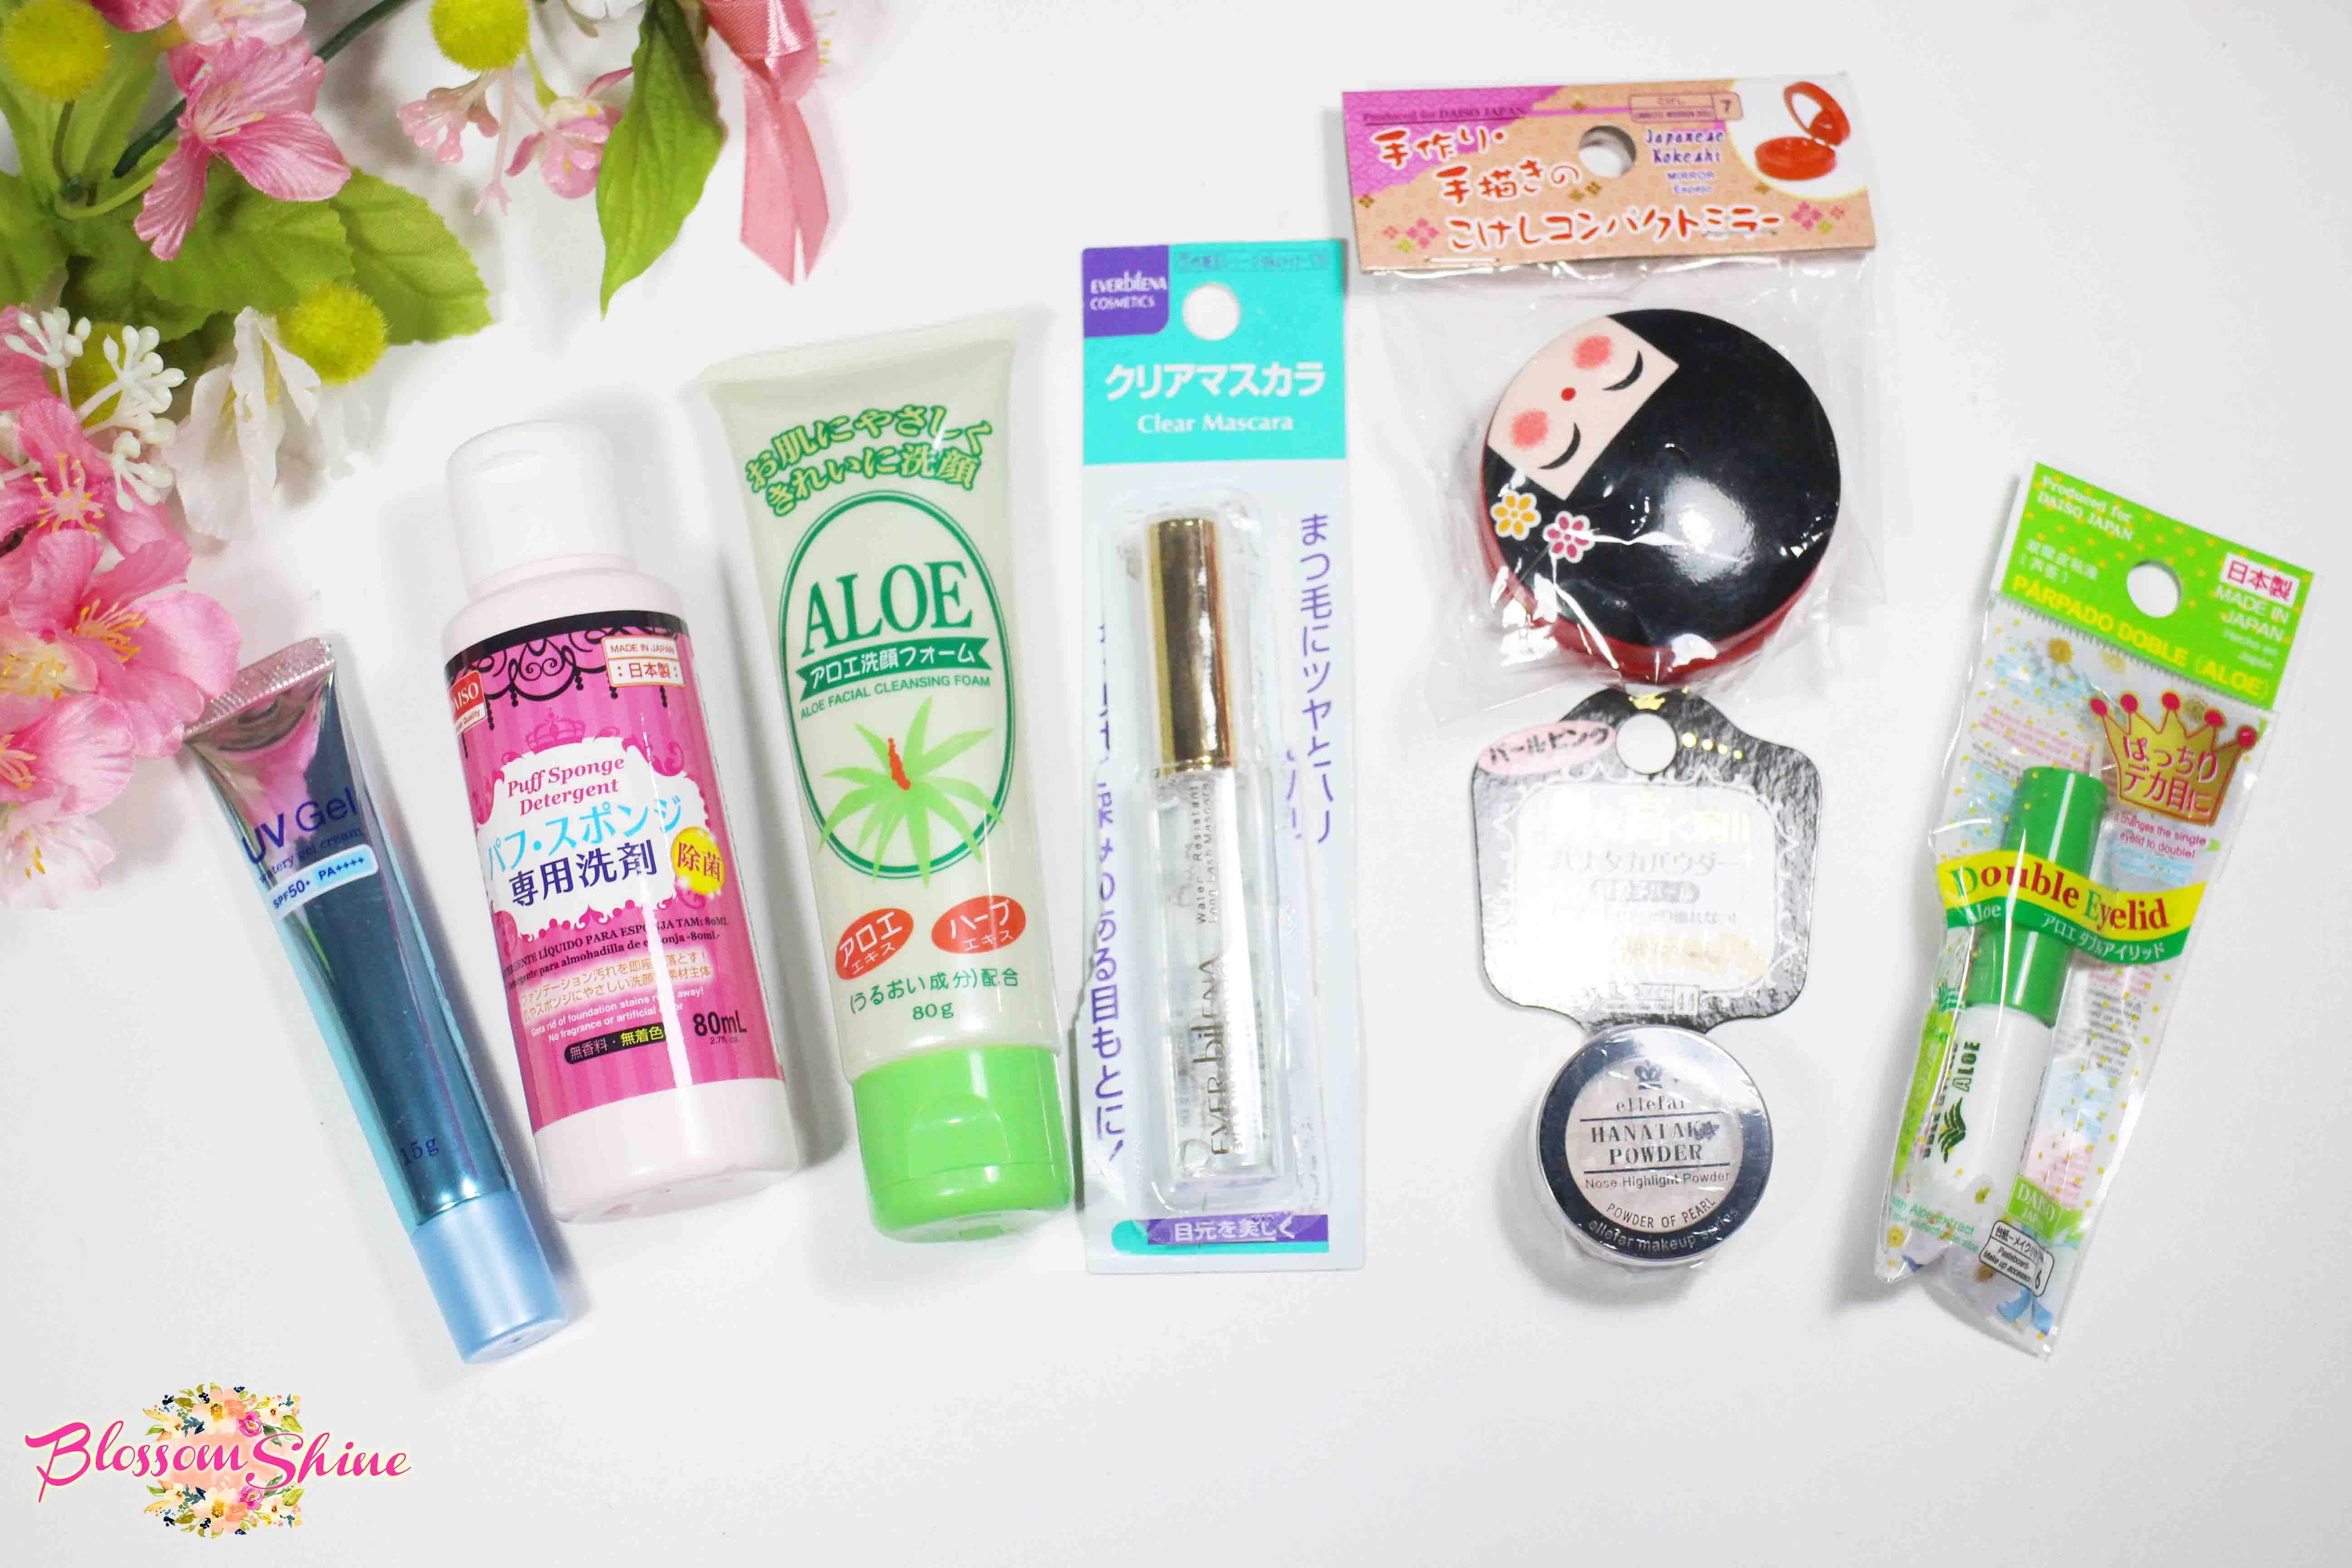 Daiso Beauty Haul Daiso Japan blossomshine makeuphaul